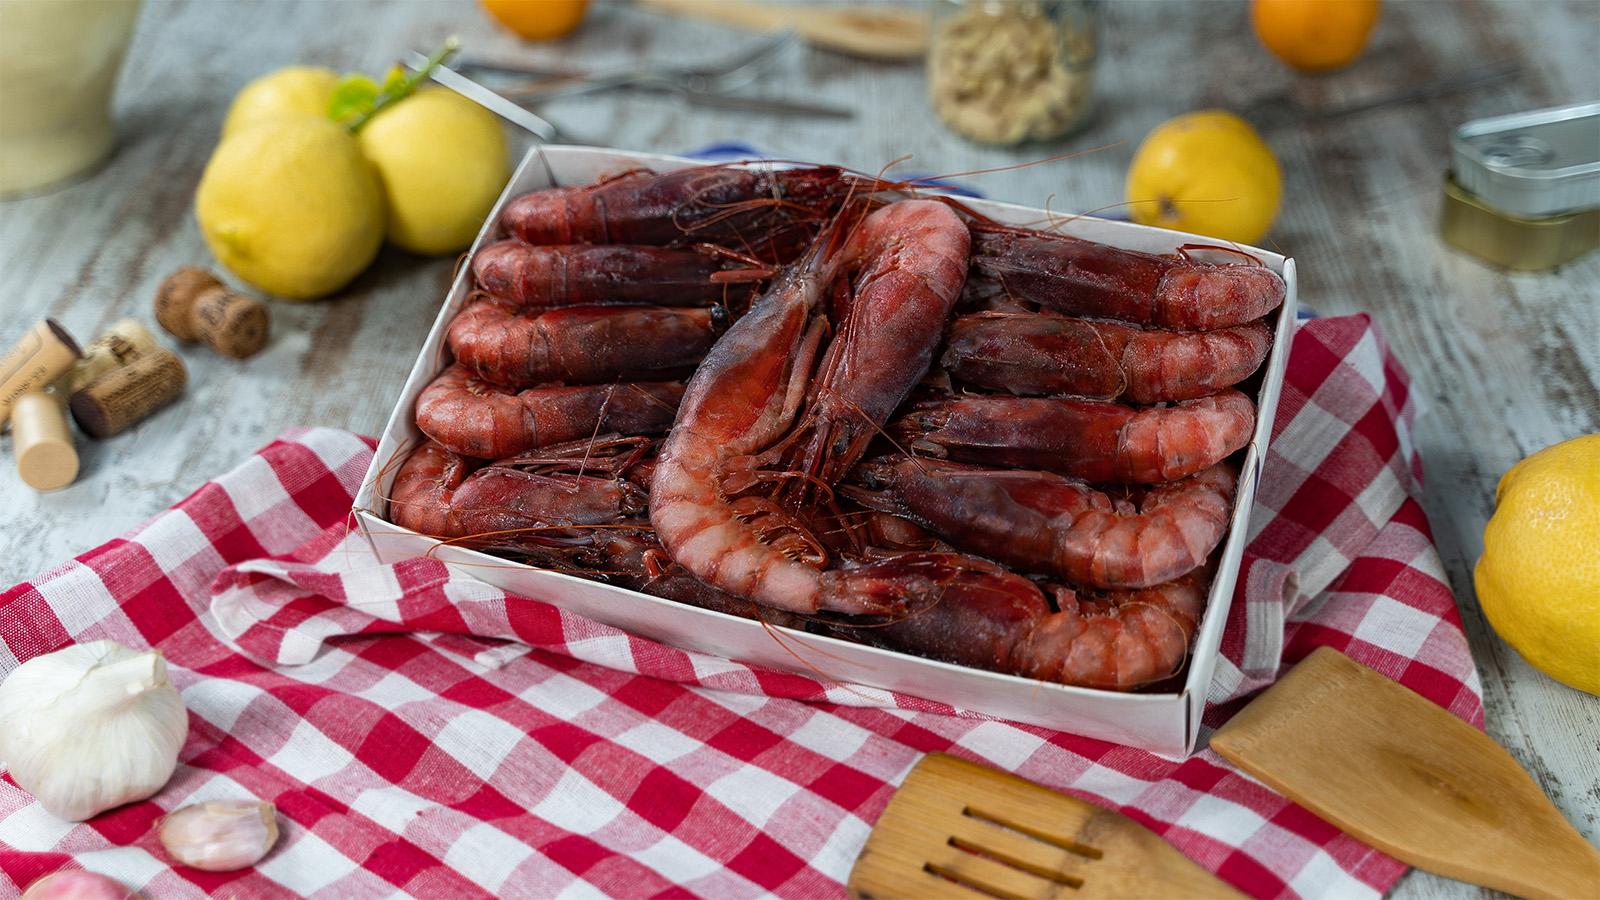 Diseño de catálogo de mariscos con fotografía de producto congelado